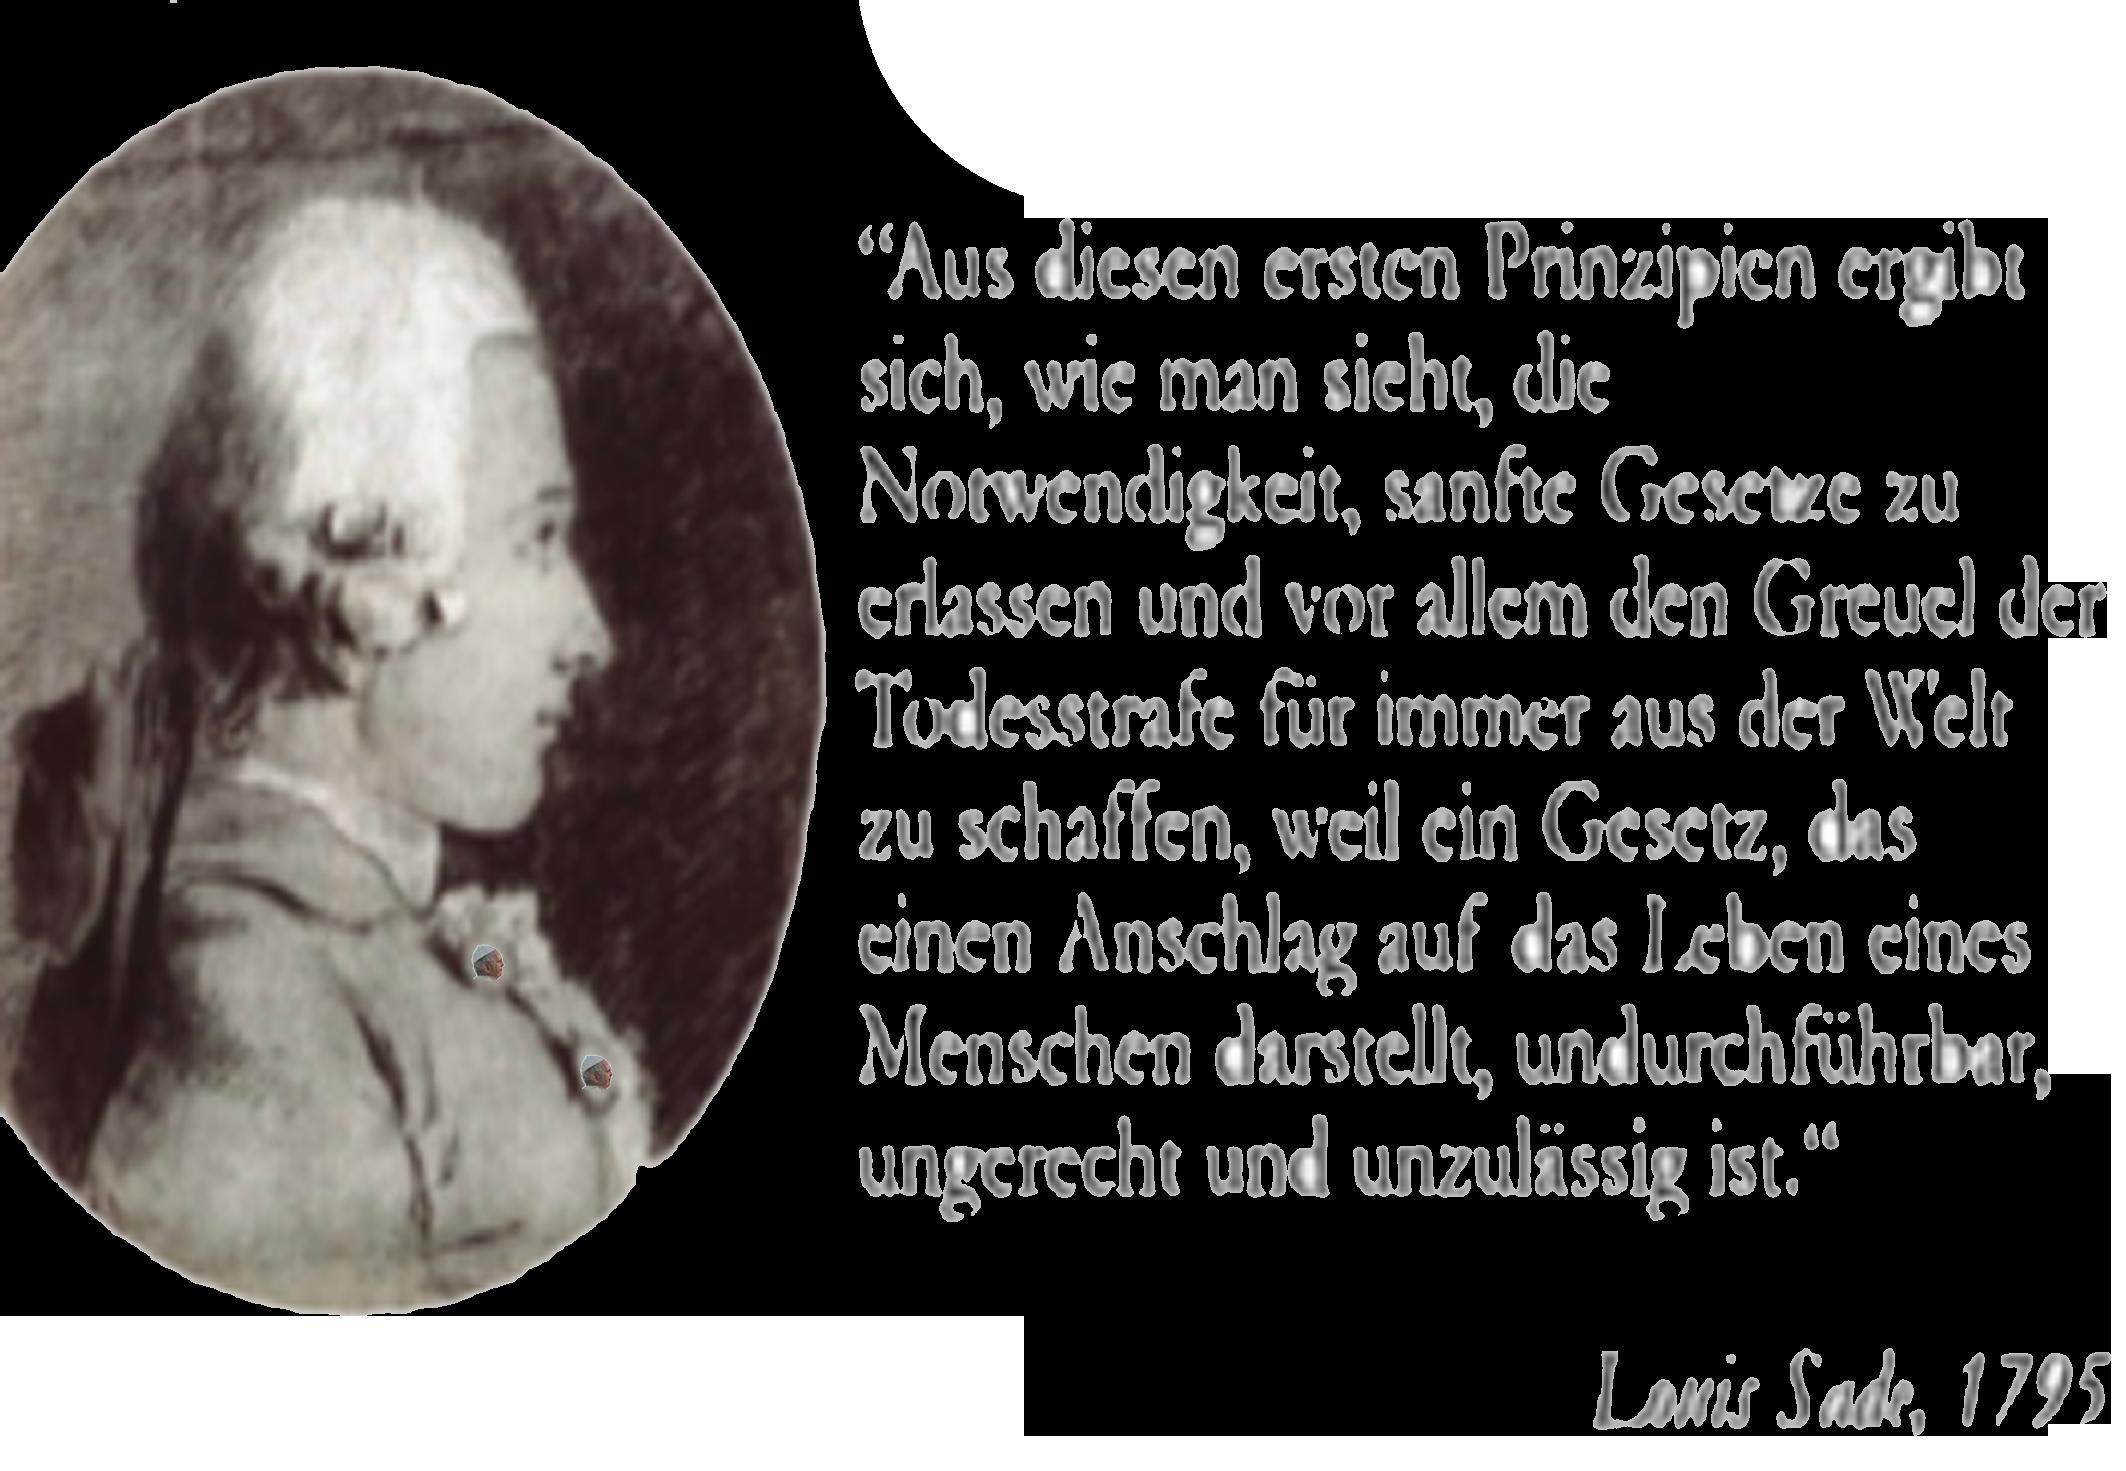 Todesstrafe unzulässig - Papst Franziskus - Was bereits de Sade wußte dafür braucht Vatikan 223 Jahre.png